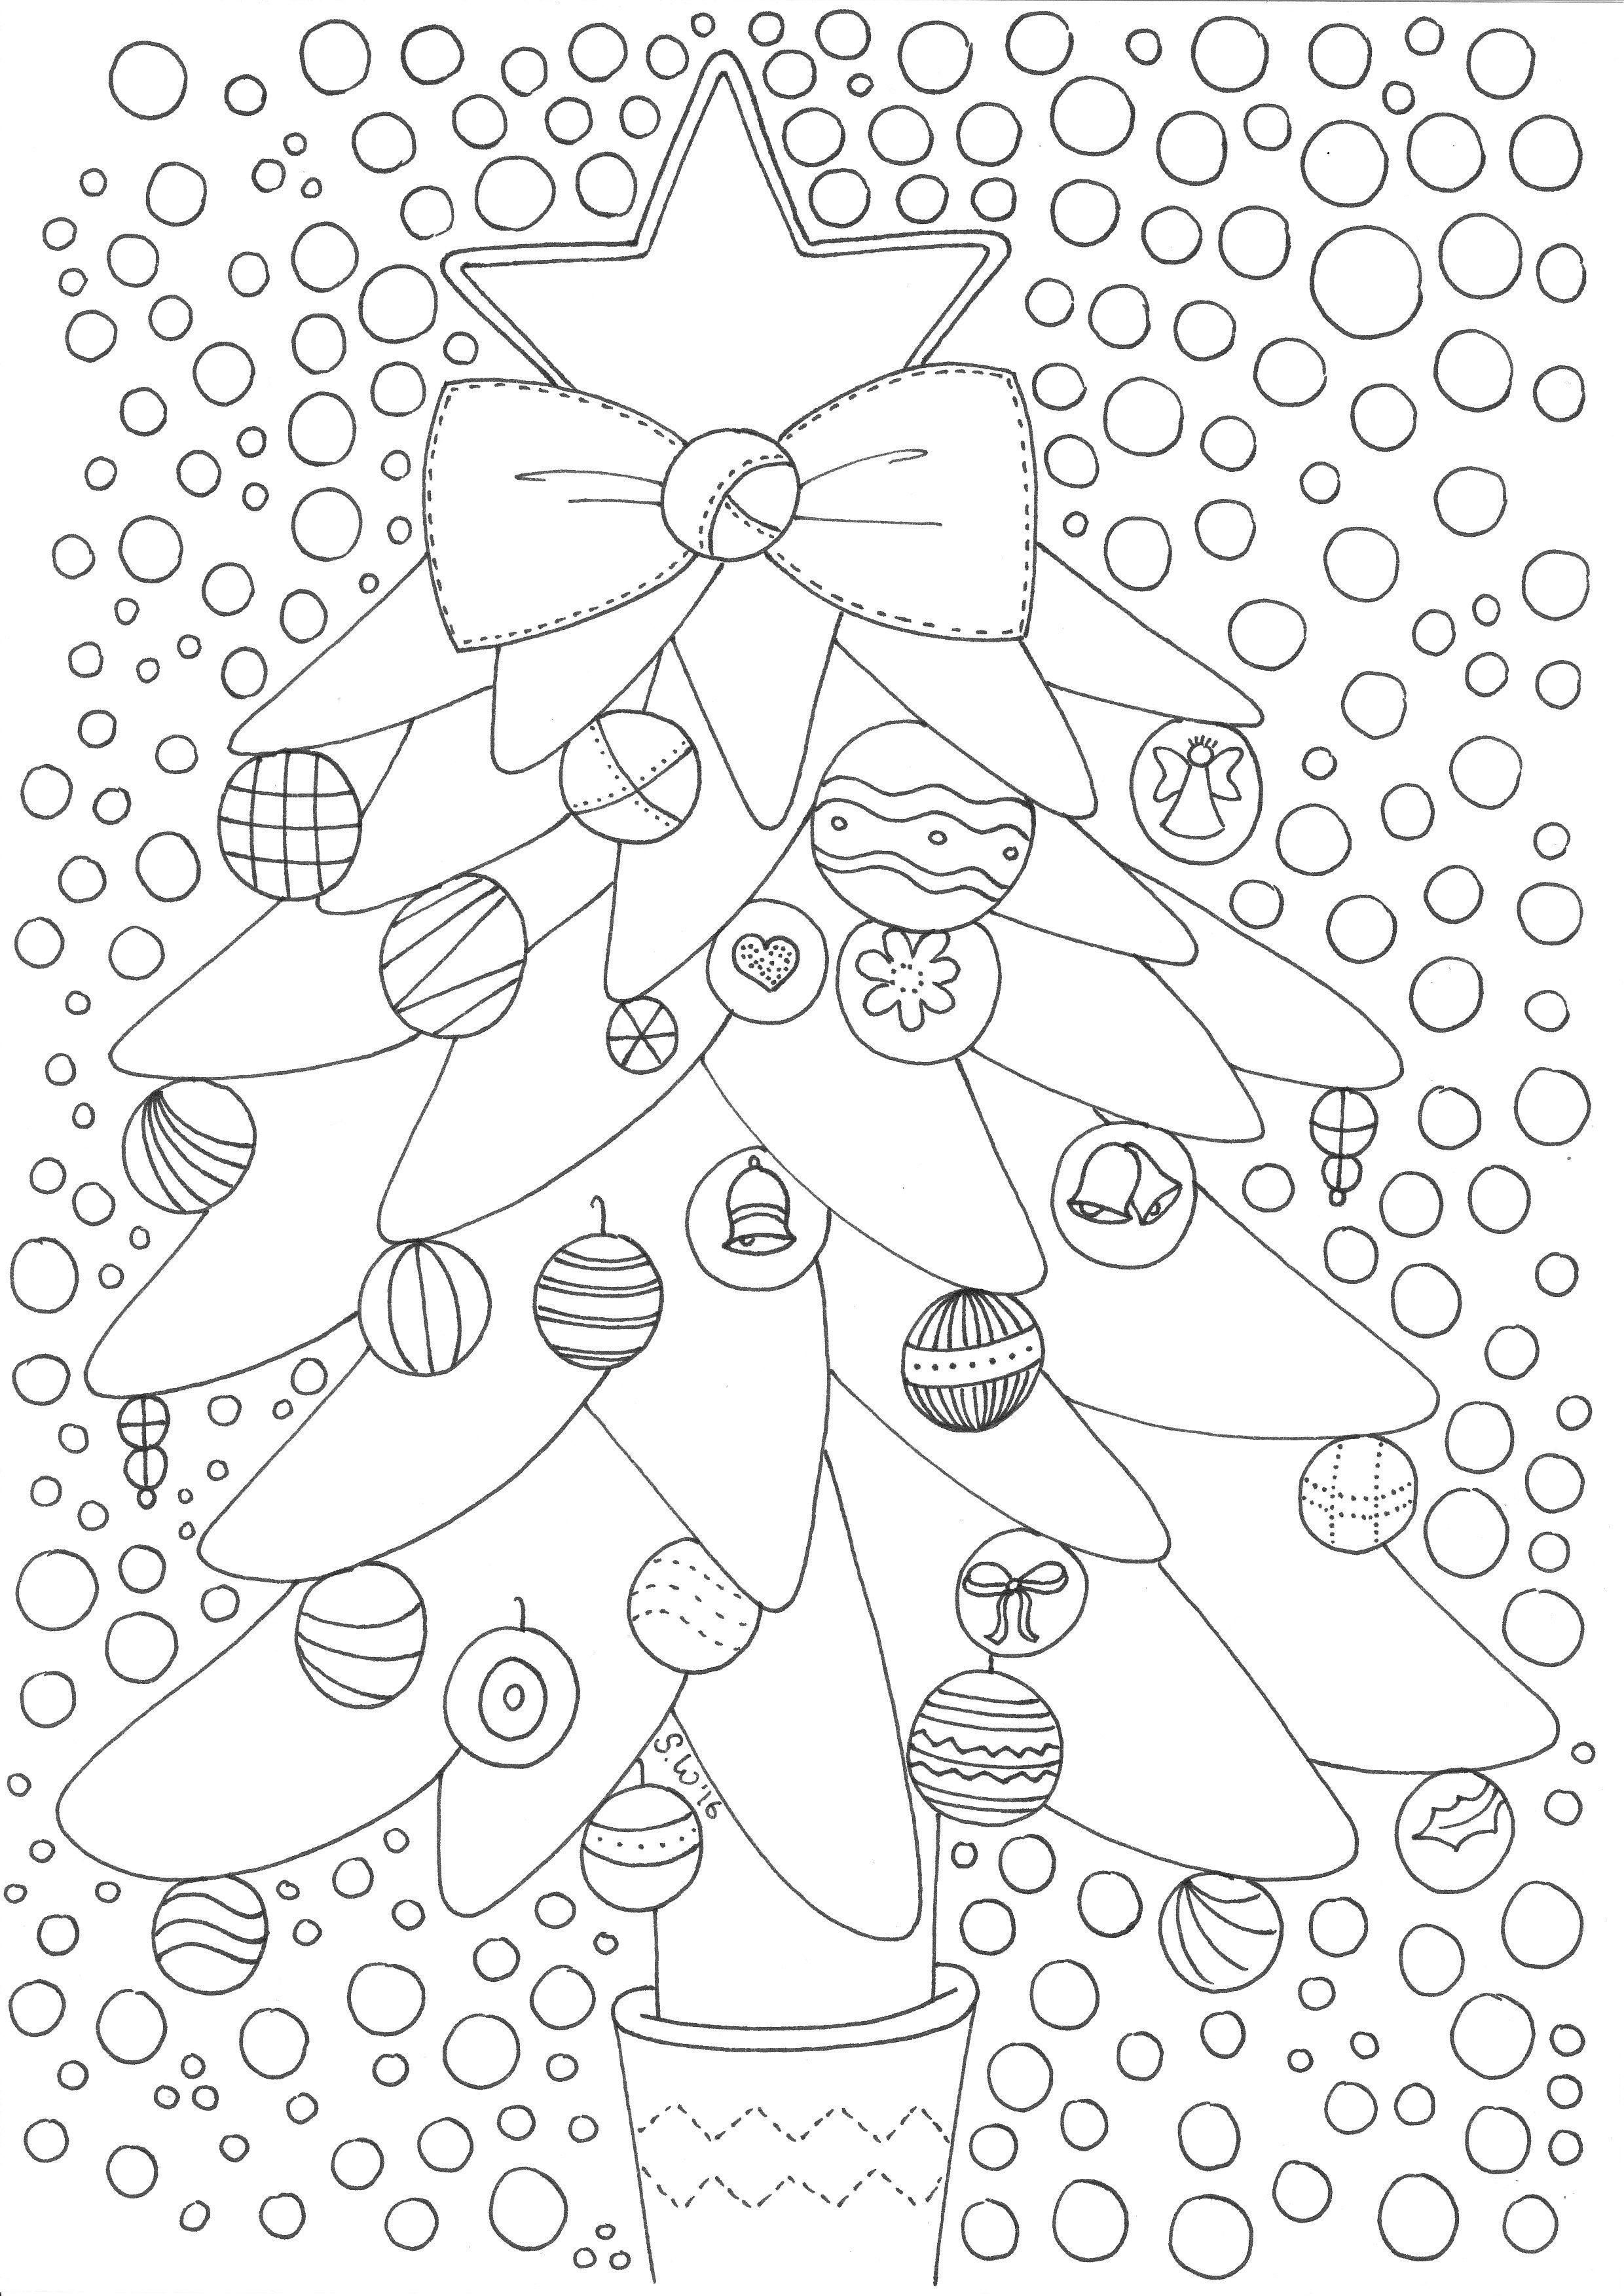 Kleurplaten Voor Volwassenen Kerst.Kerst Kerstboom Kleurplaten Kerstmis Kleurplaten En